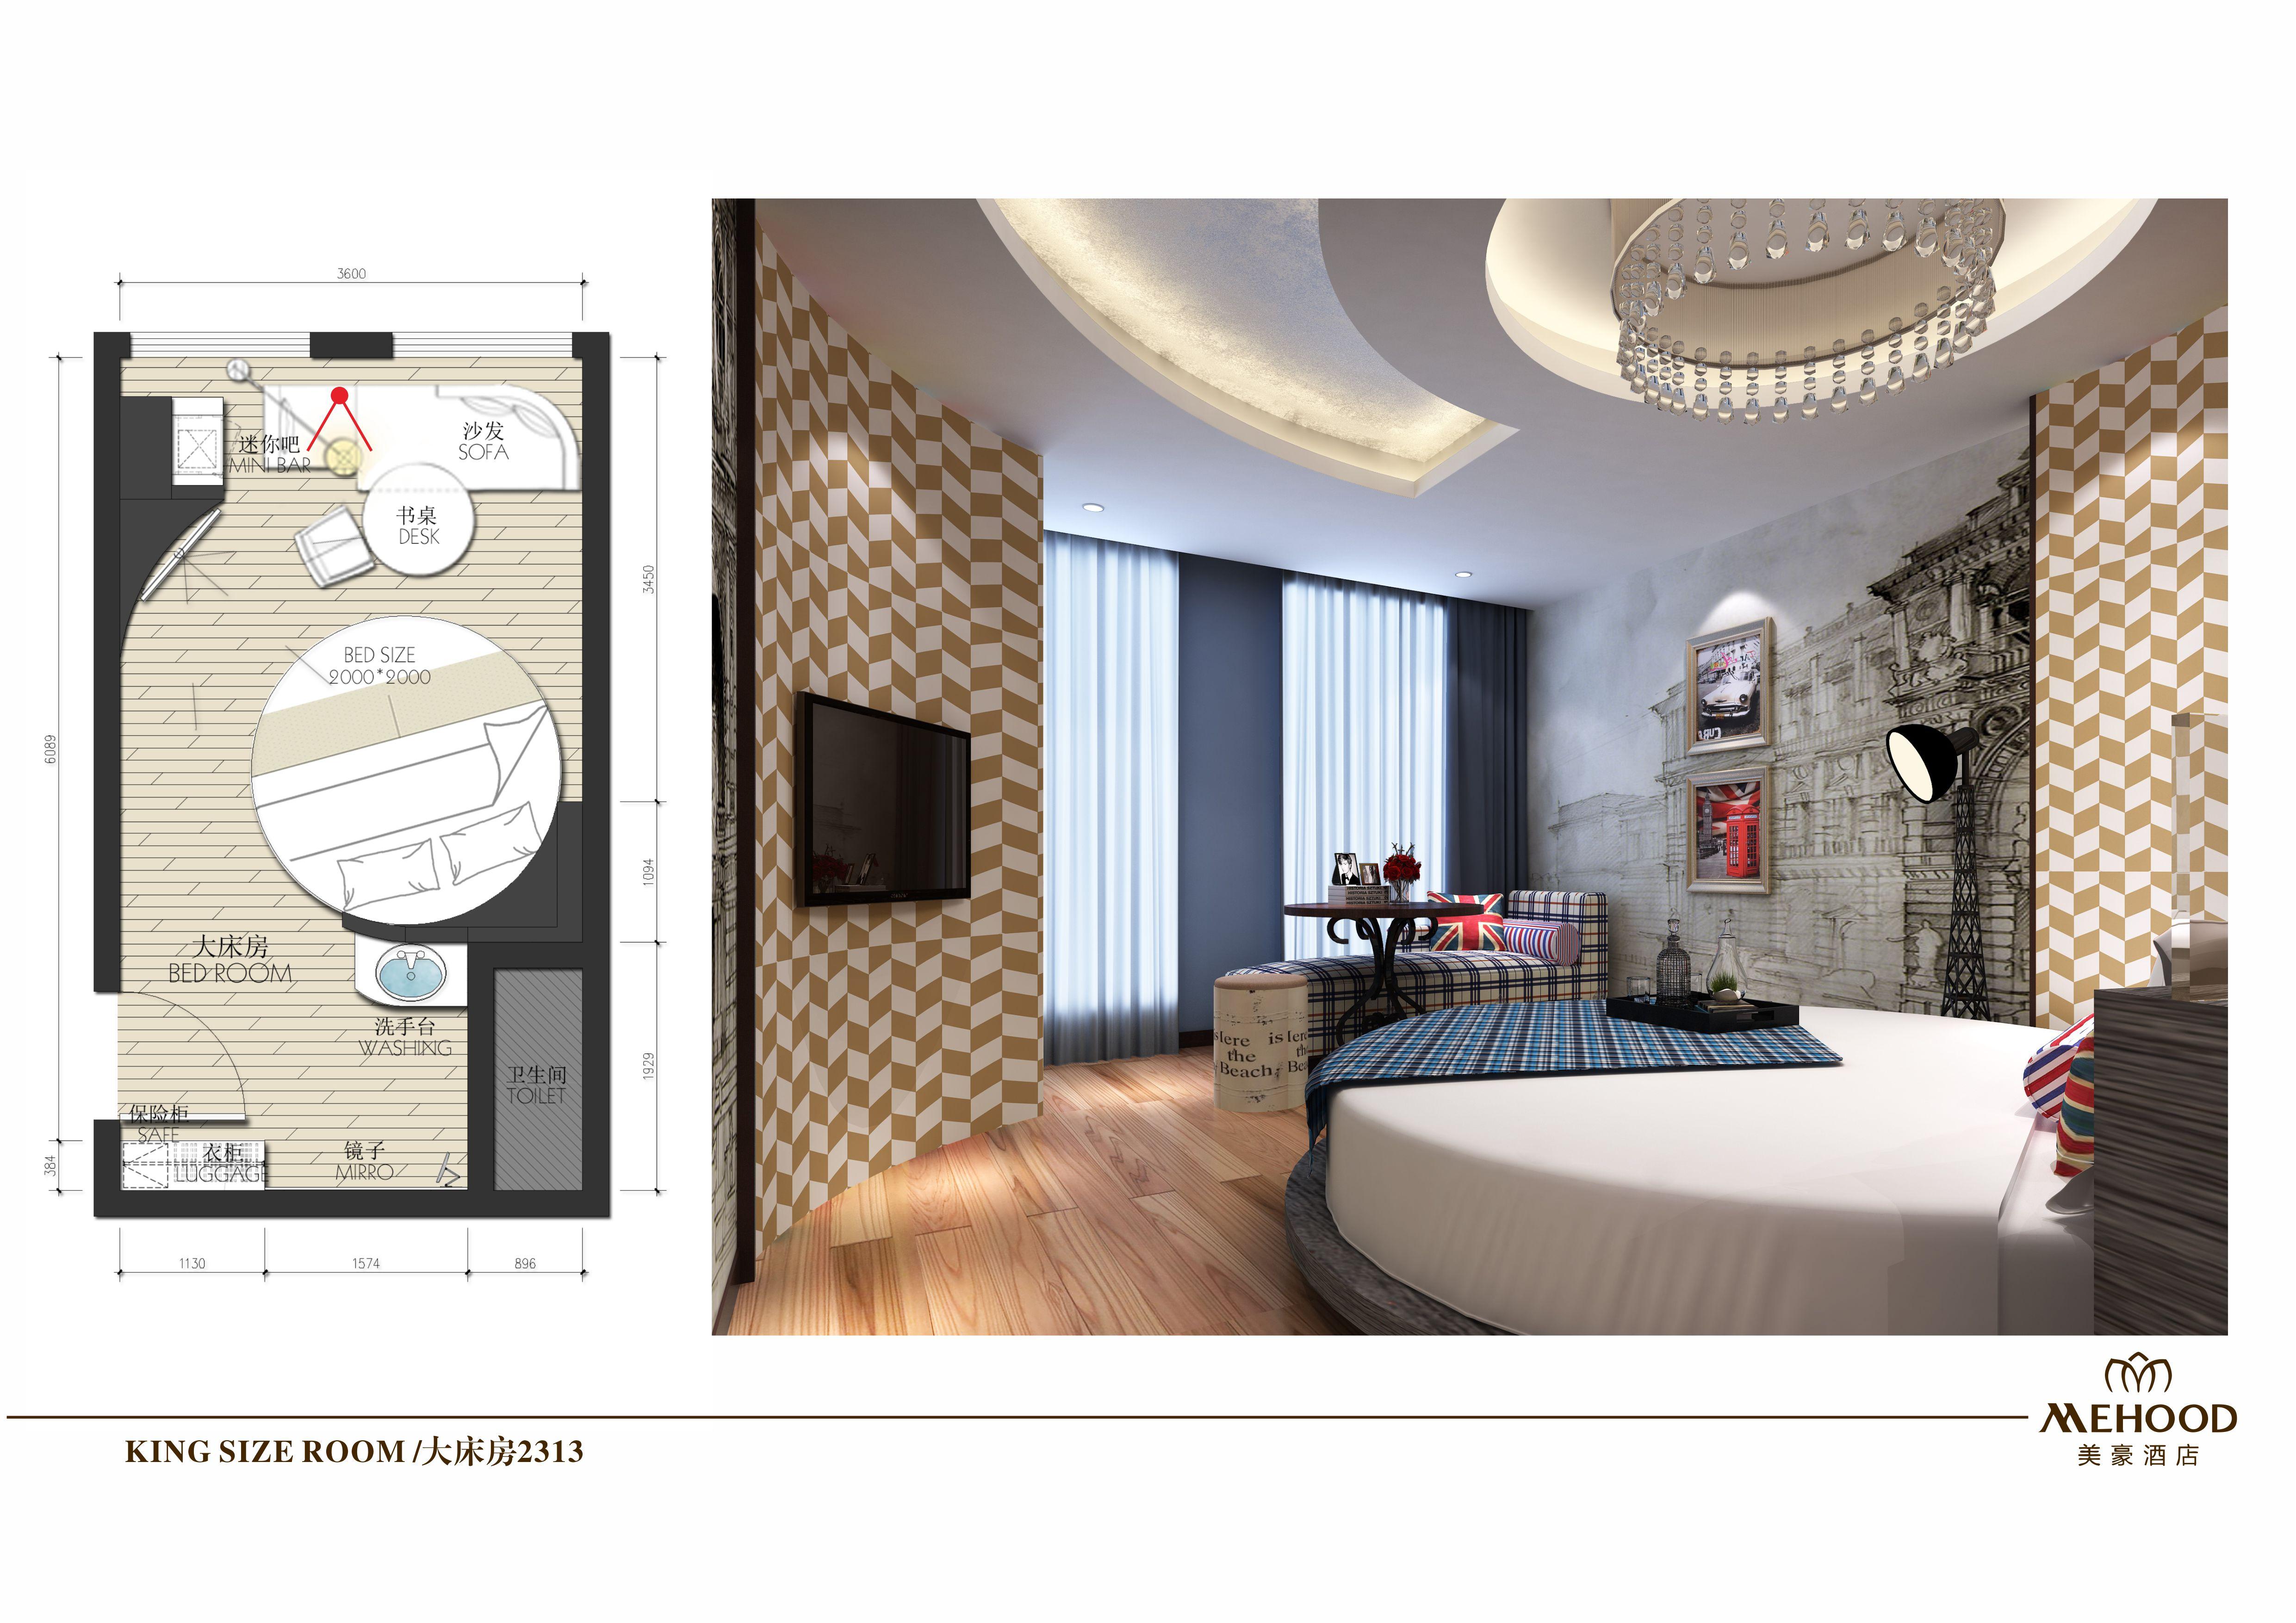 室内软装论+�_软装设计-酒店室内软装搭配